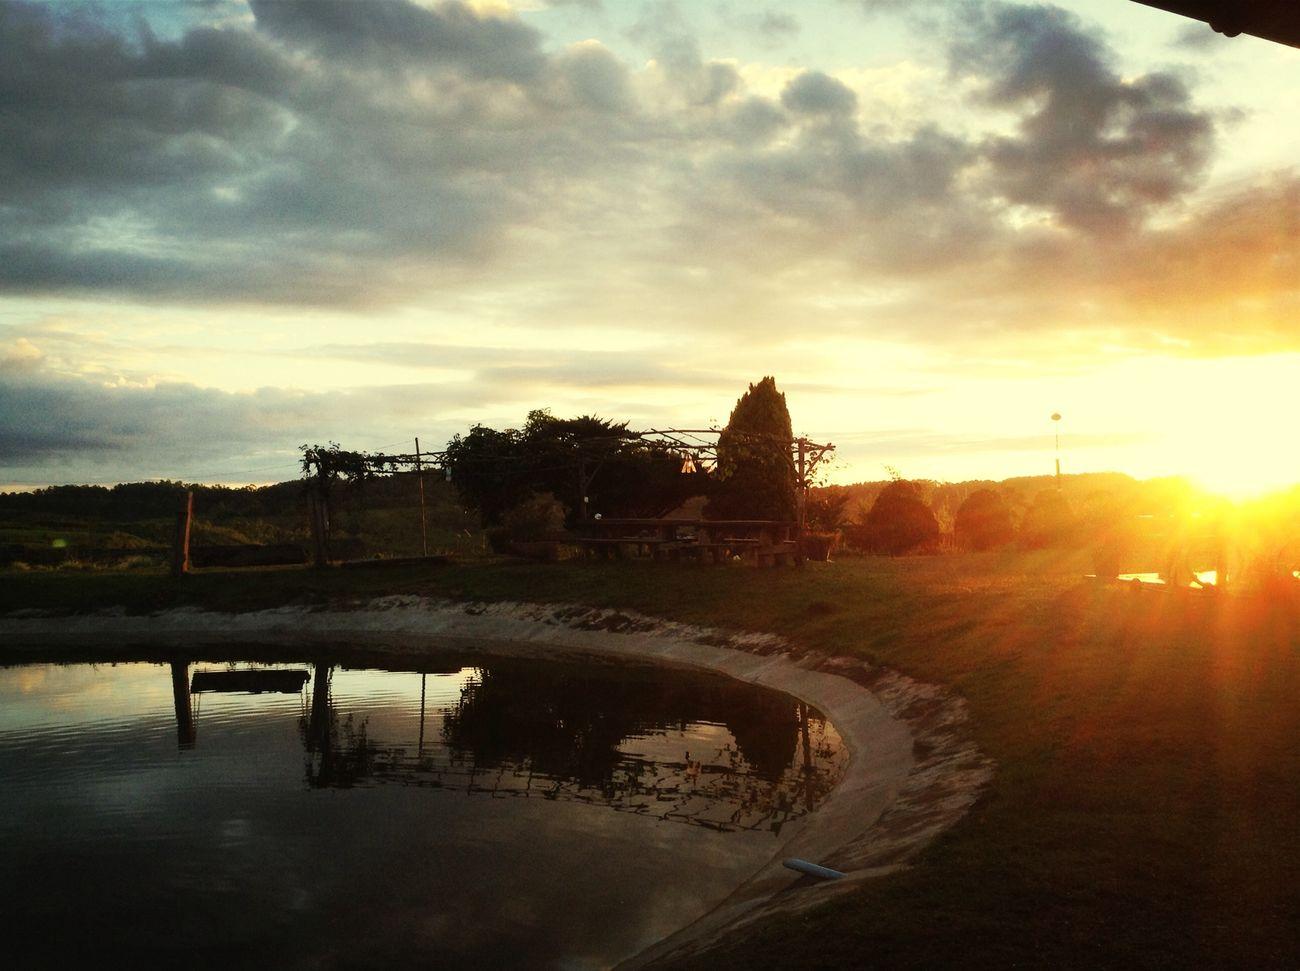 ยามเช้า พระอาทิตย์ กำลังขึ้นจากขอบฟ้า ที่ KM FLOWER